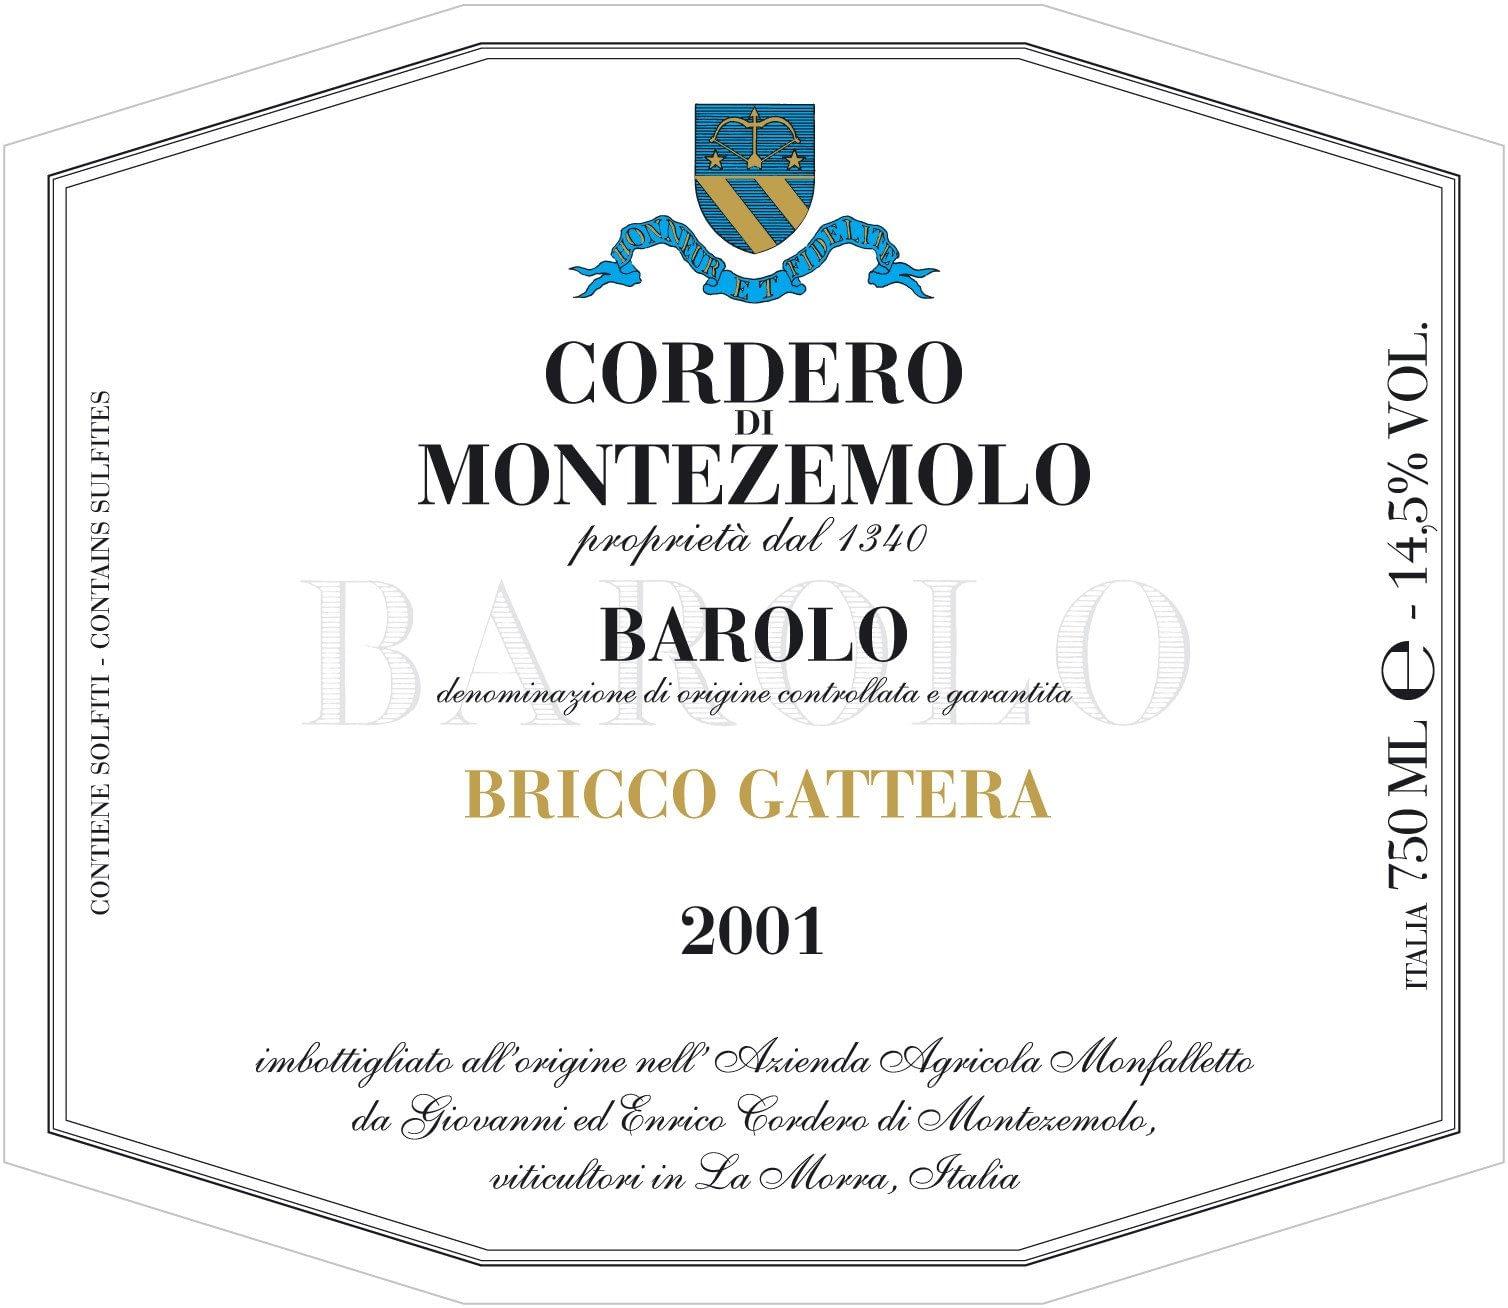 Cordero Barolo Bricco Gattera Jeroboam 2016